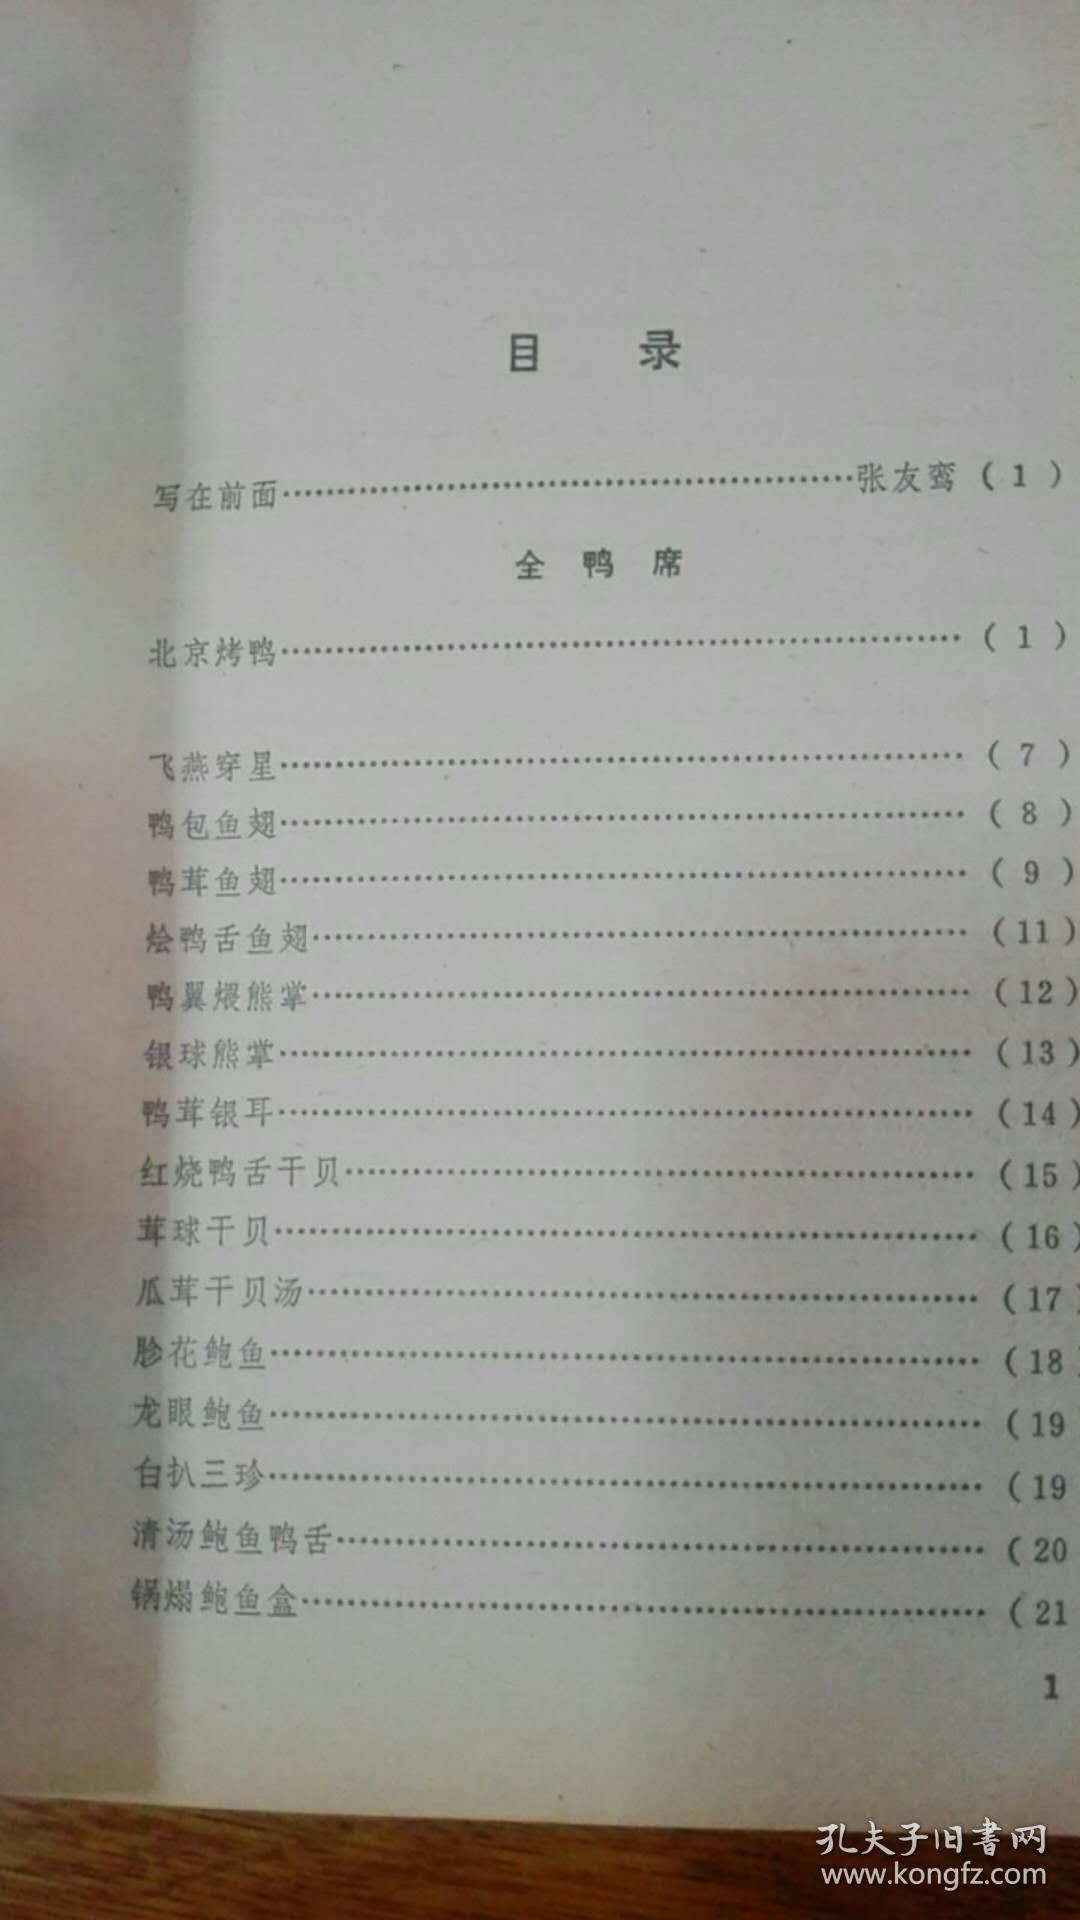 《北京全聚德牛腩谱》82年1版1印_北京全聚德烤鸭店做法炖大全番茄做法全集名菜家常大家常图片